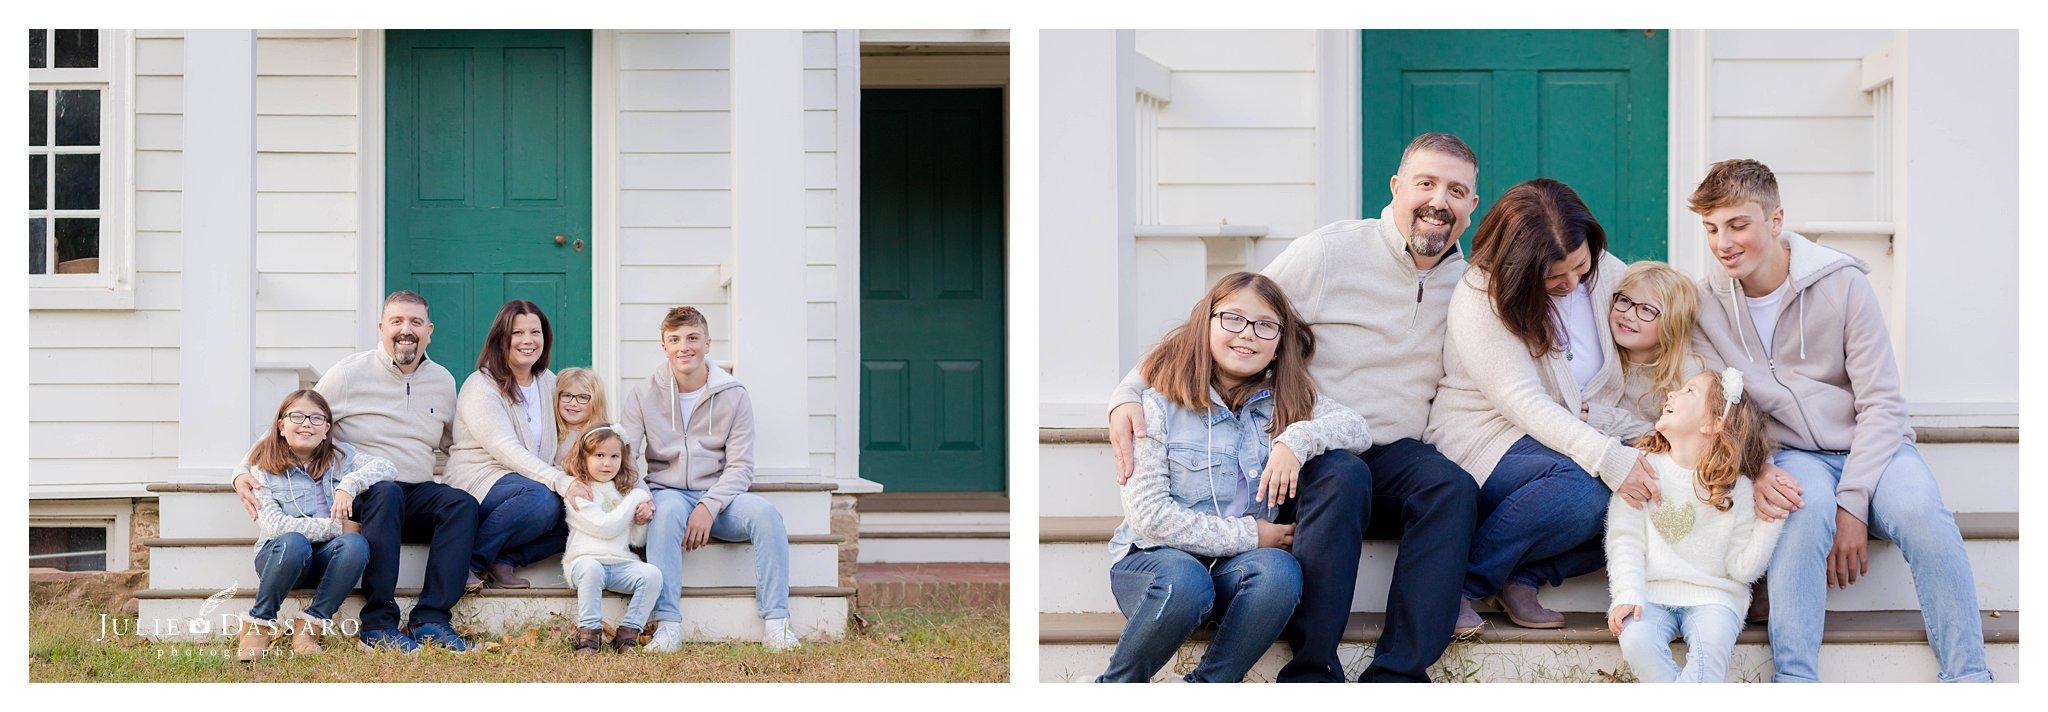 Central NJ Family Portraiture